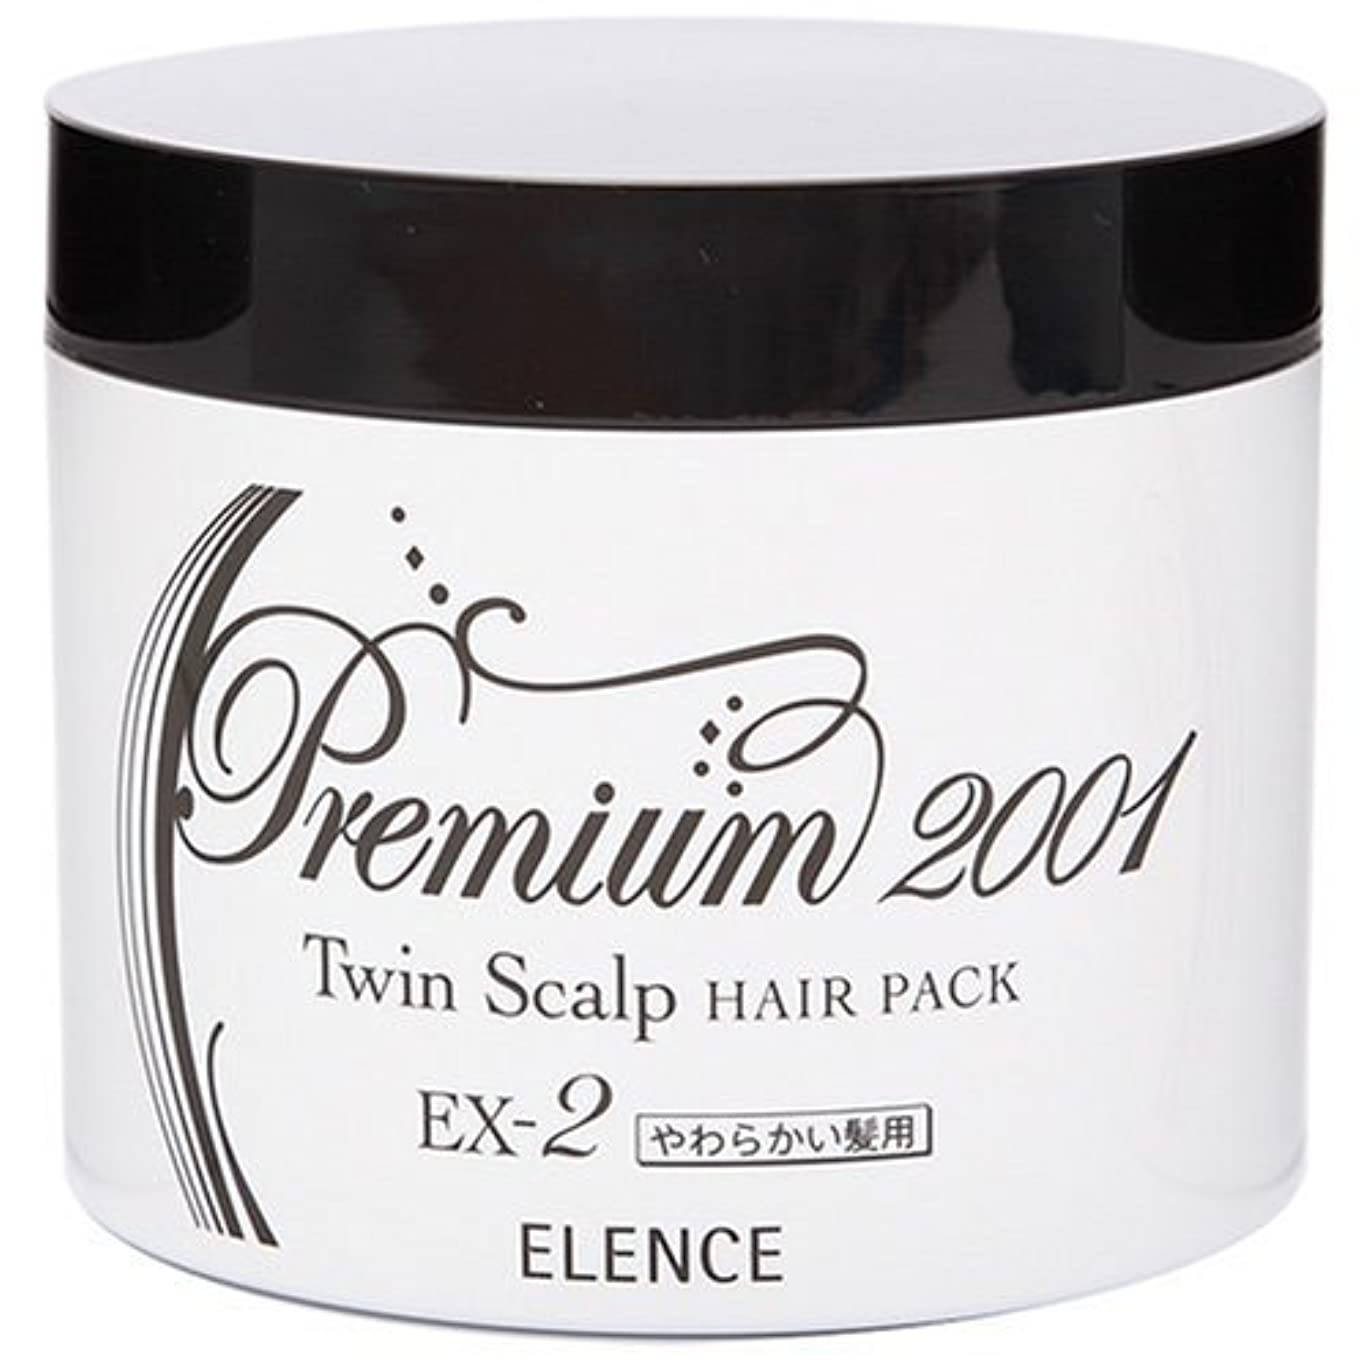 組あなたはモバイルエレンス2001 ツインスキャルプヘアパックEX-2(やわらかい髪用)